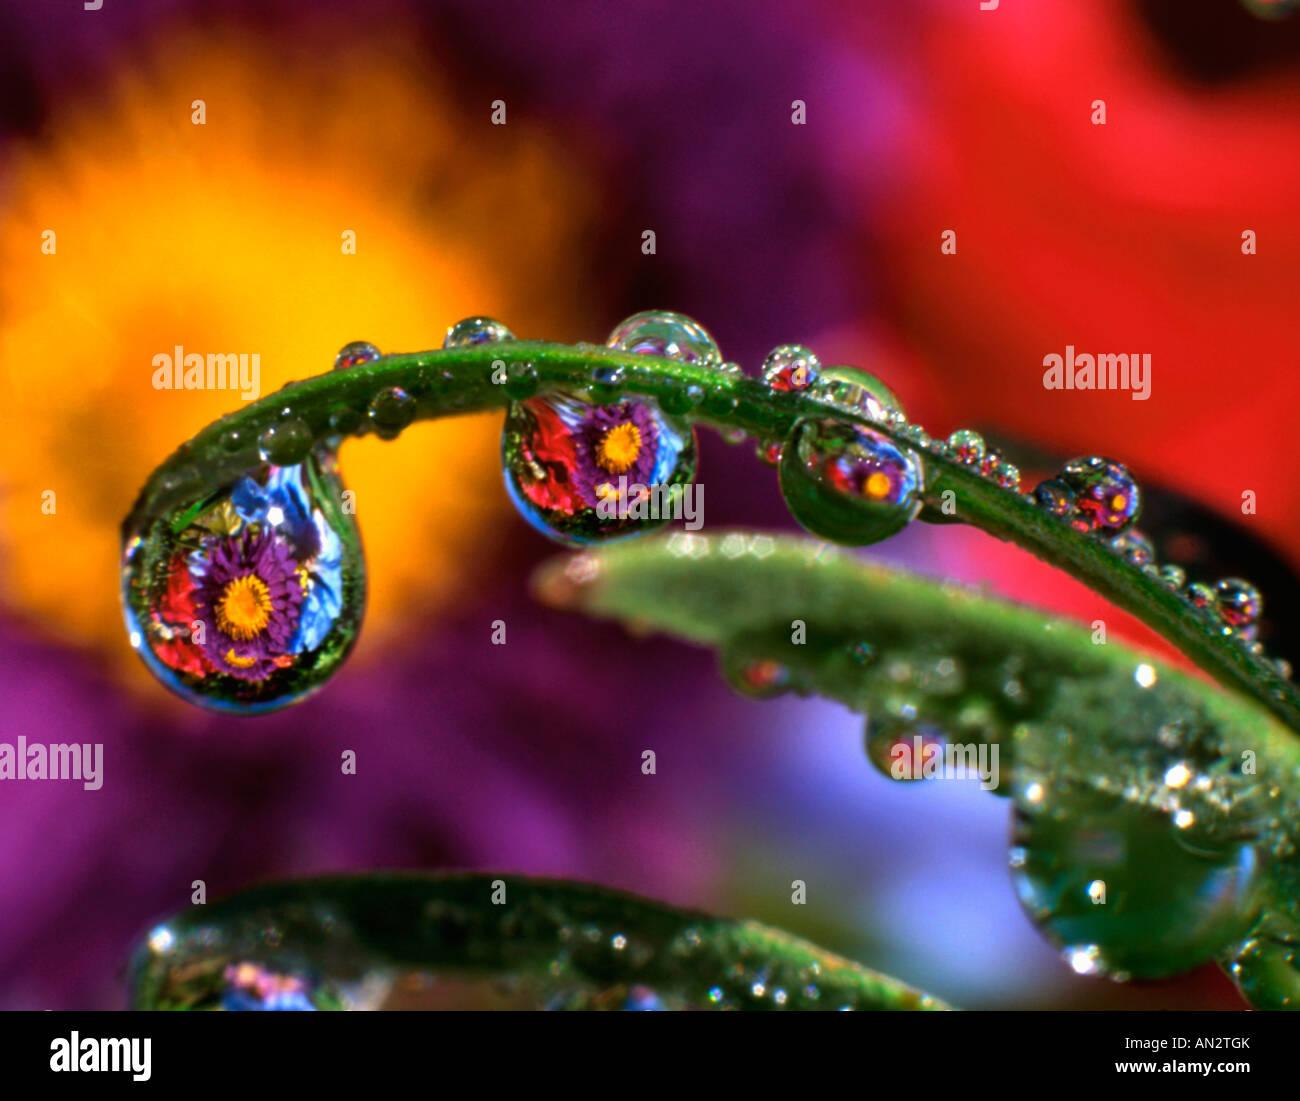 Stati Uniti d'America, Oregon, Close-up abstract del crisantemo viola riflettendo in gocce di rugiada. Foto Stock